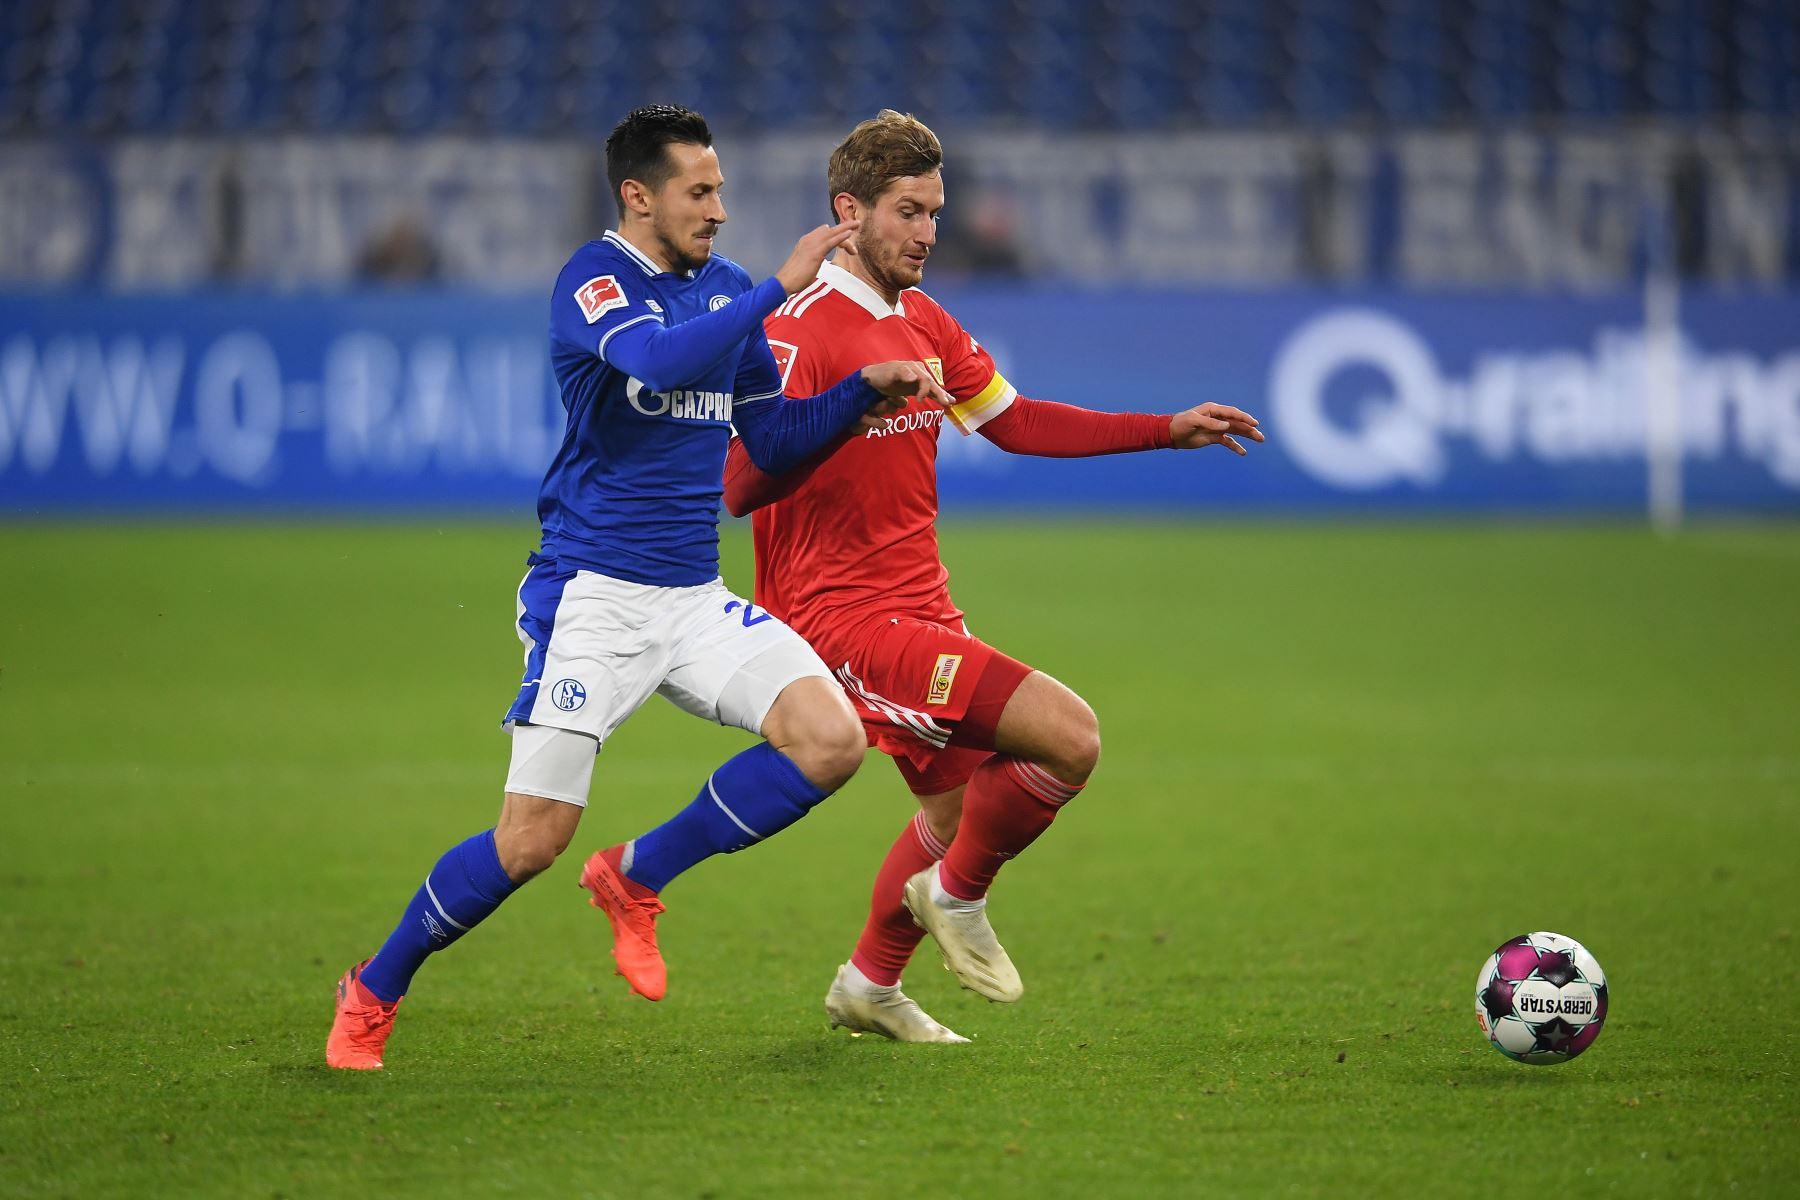 Steven Skrzybski del FC Schalke 04 lucha por el balón contra Christopher Lenz del Union Berlin durante el partido de la Bundesliga en Veltins-Arena, en Gelsenkirchen, Alemania. Foto: EFE